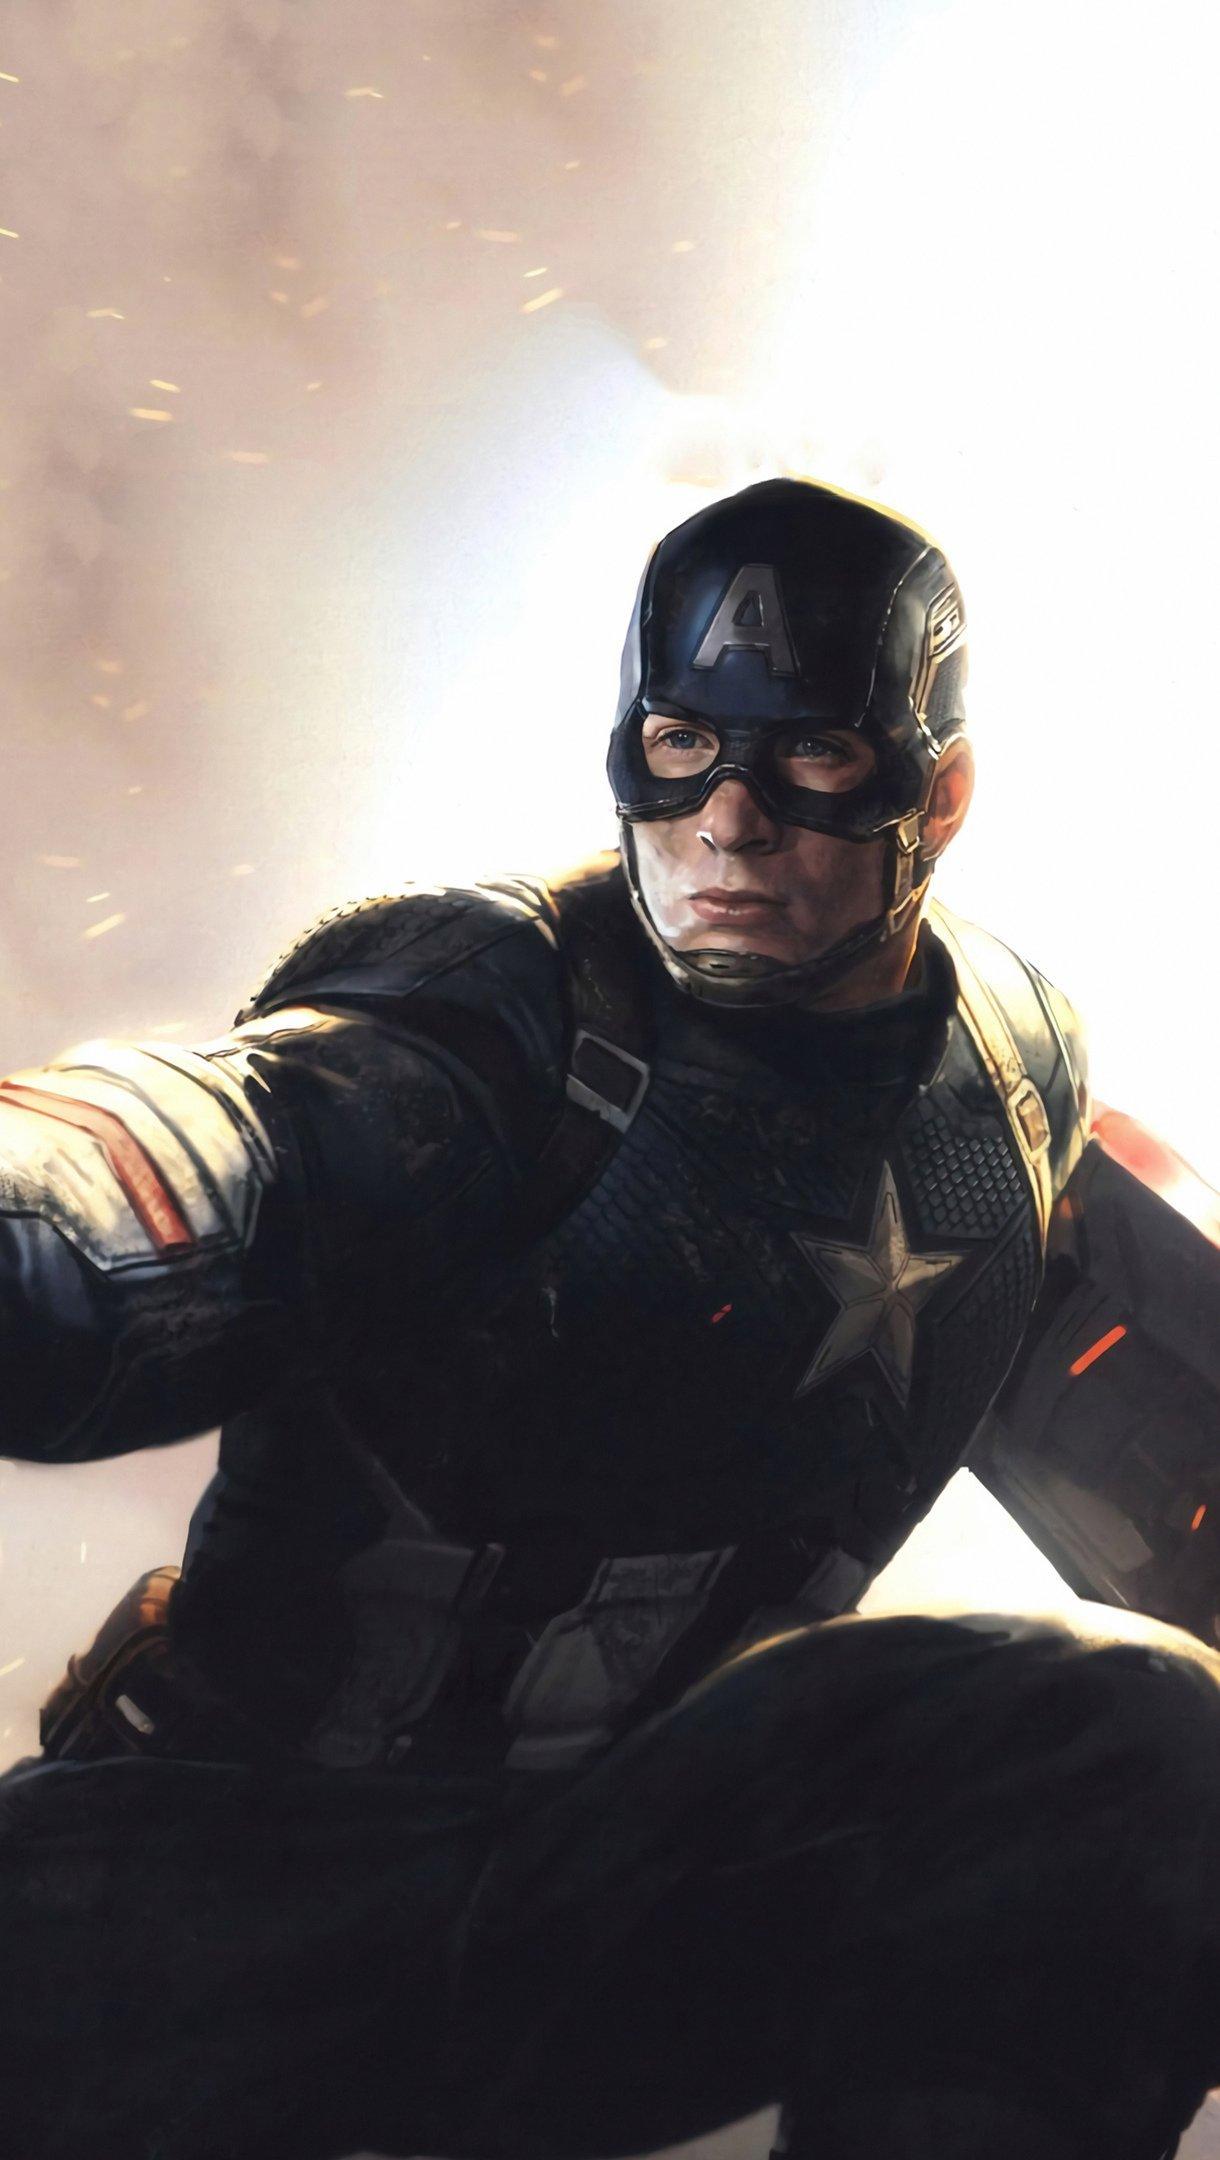 Fondos de pantalla Capitan America con martillo de Thor Vertical